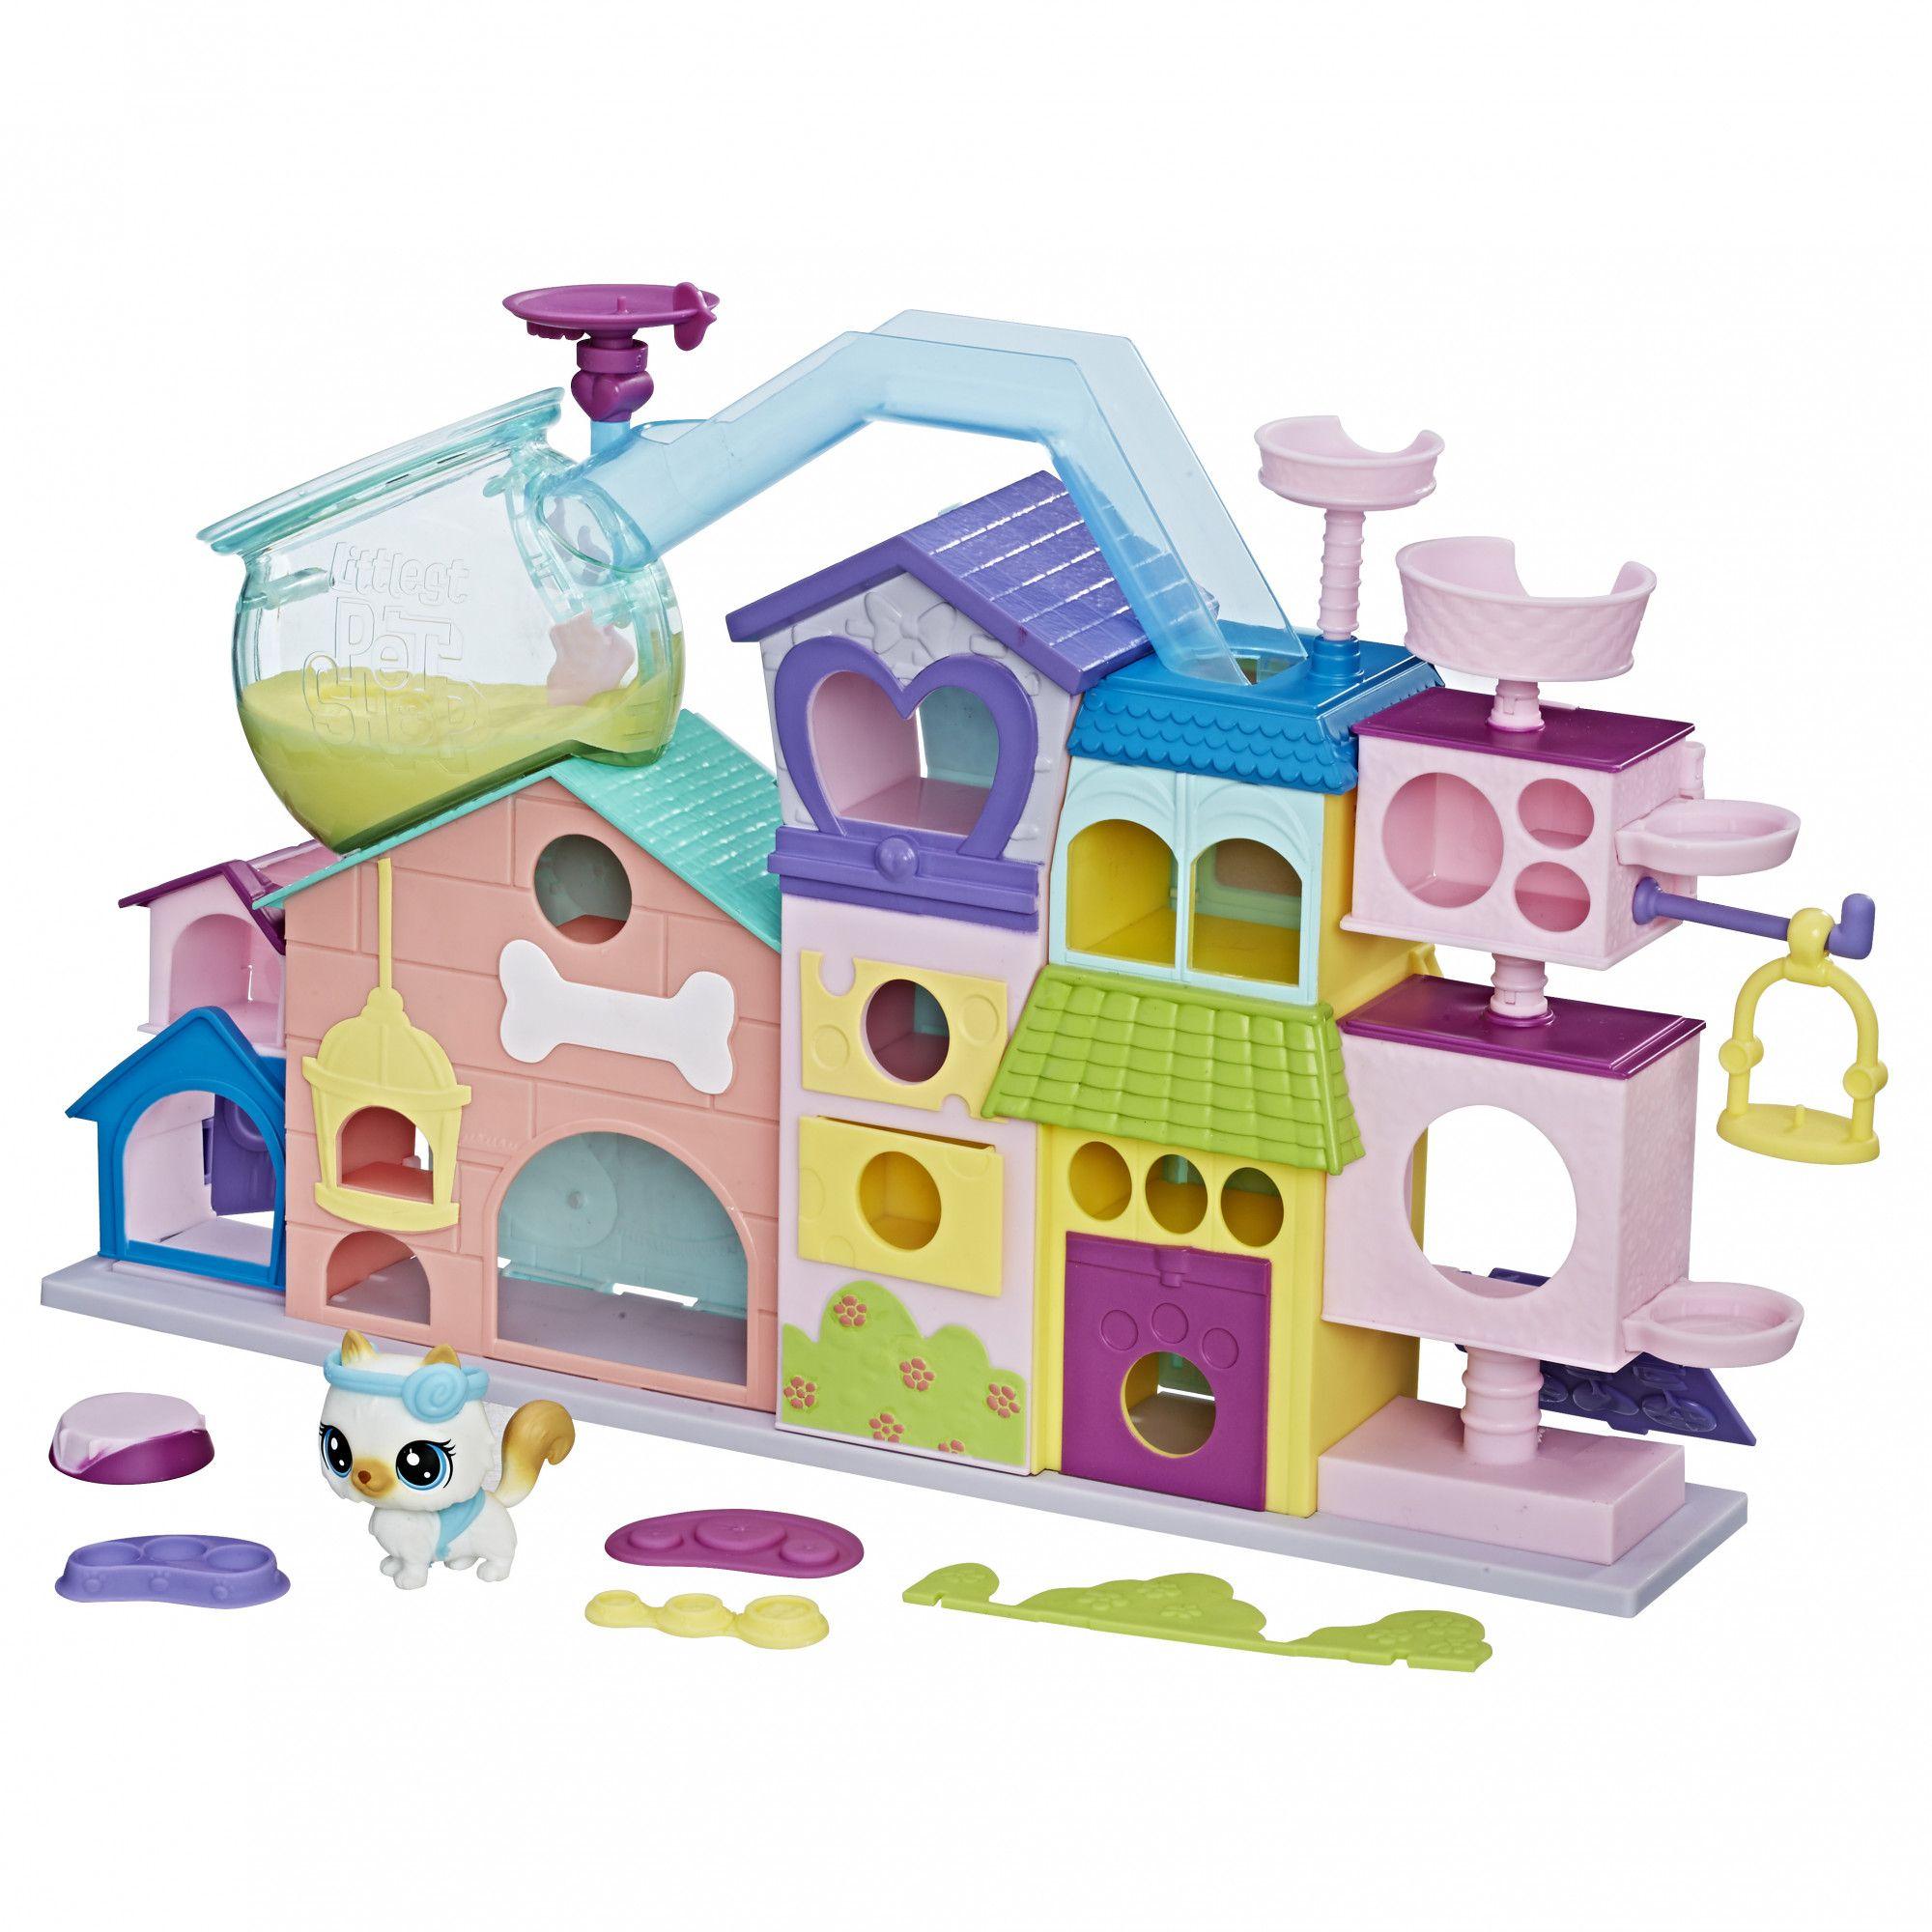 Игровой набор Littlest Pet Shop - Апартаменты для петовLittlest Pet Shop – Маленький зоомагазин<br>Игровой набор Littlest Pet Shop - Апартаменты для петов<br>